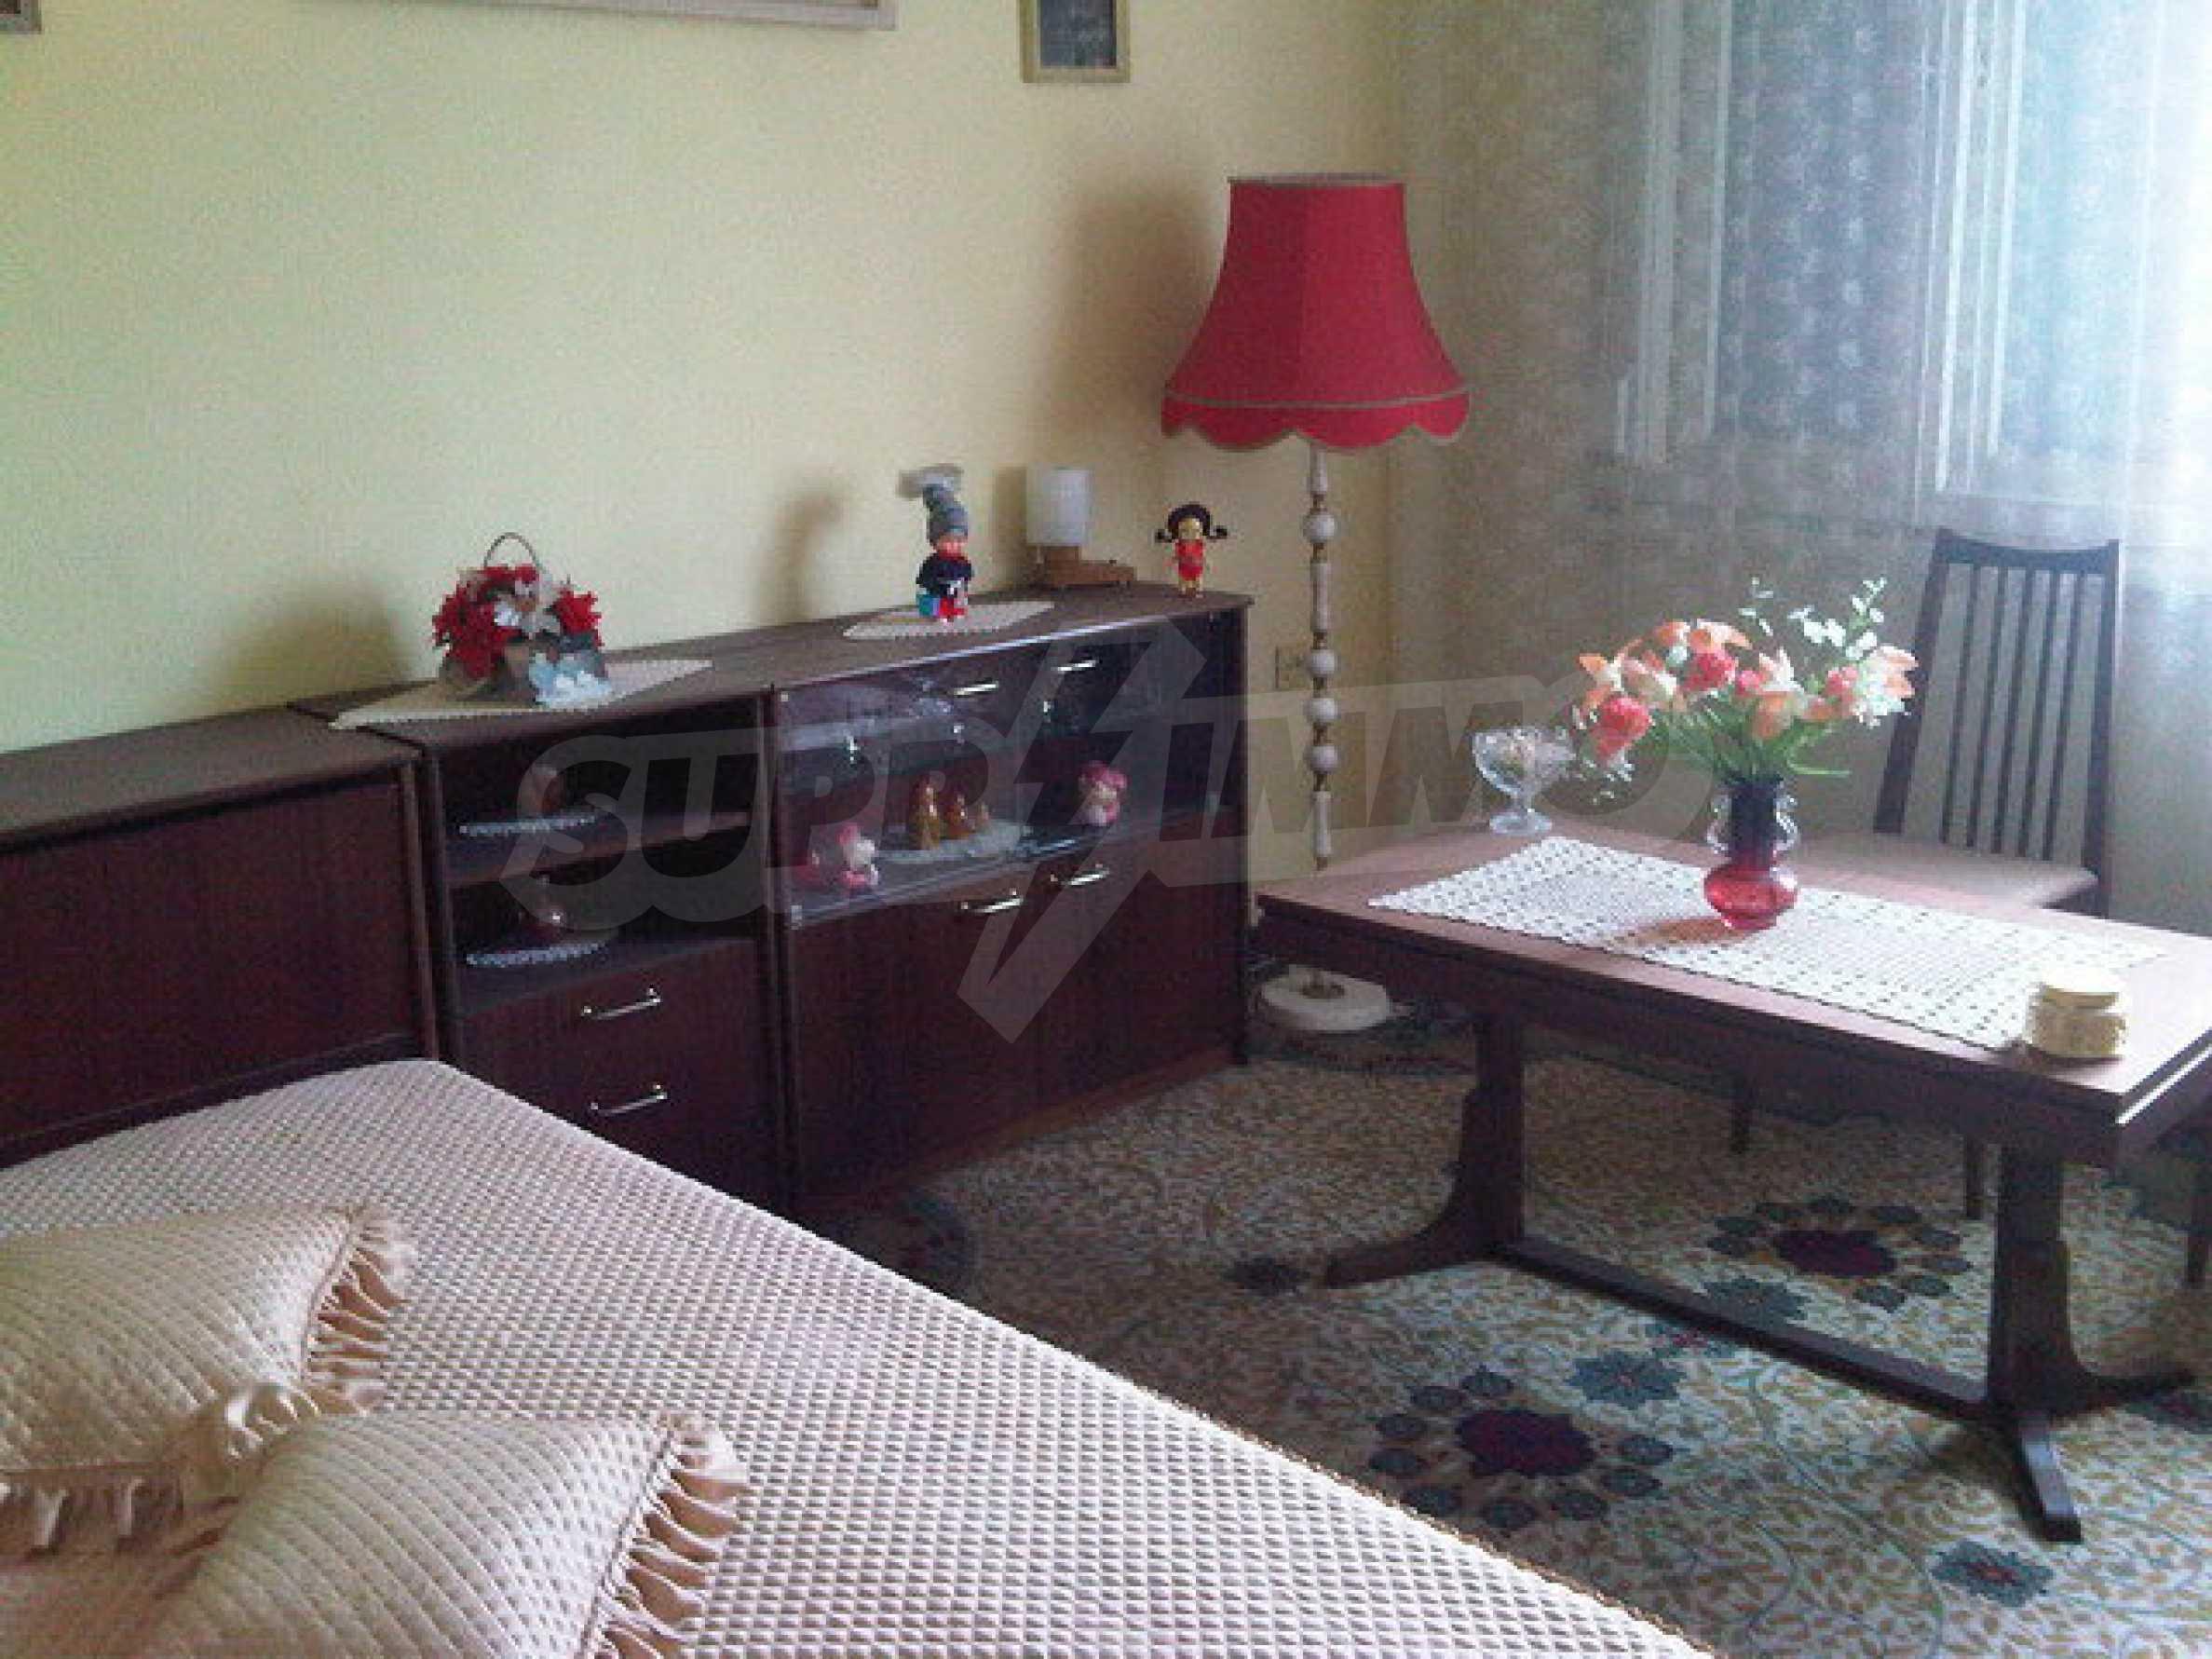 Четиристаен апартамент на втори етаж в сграда в неспосредственна близост центъра на град Севлиево 10